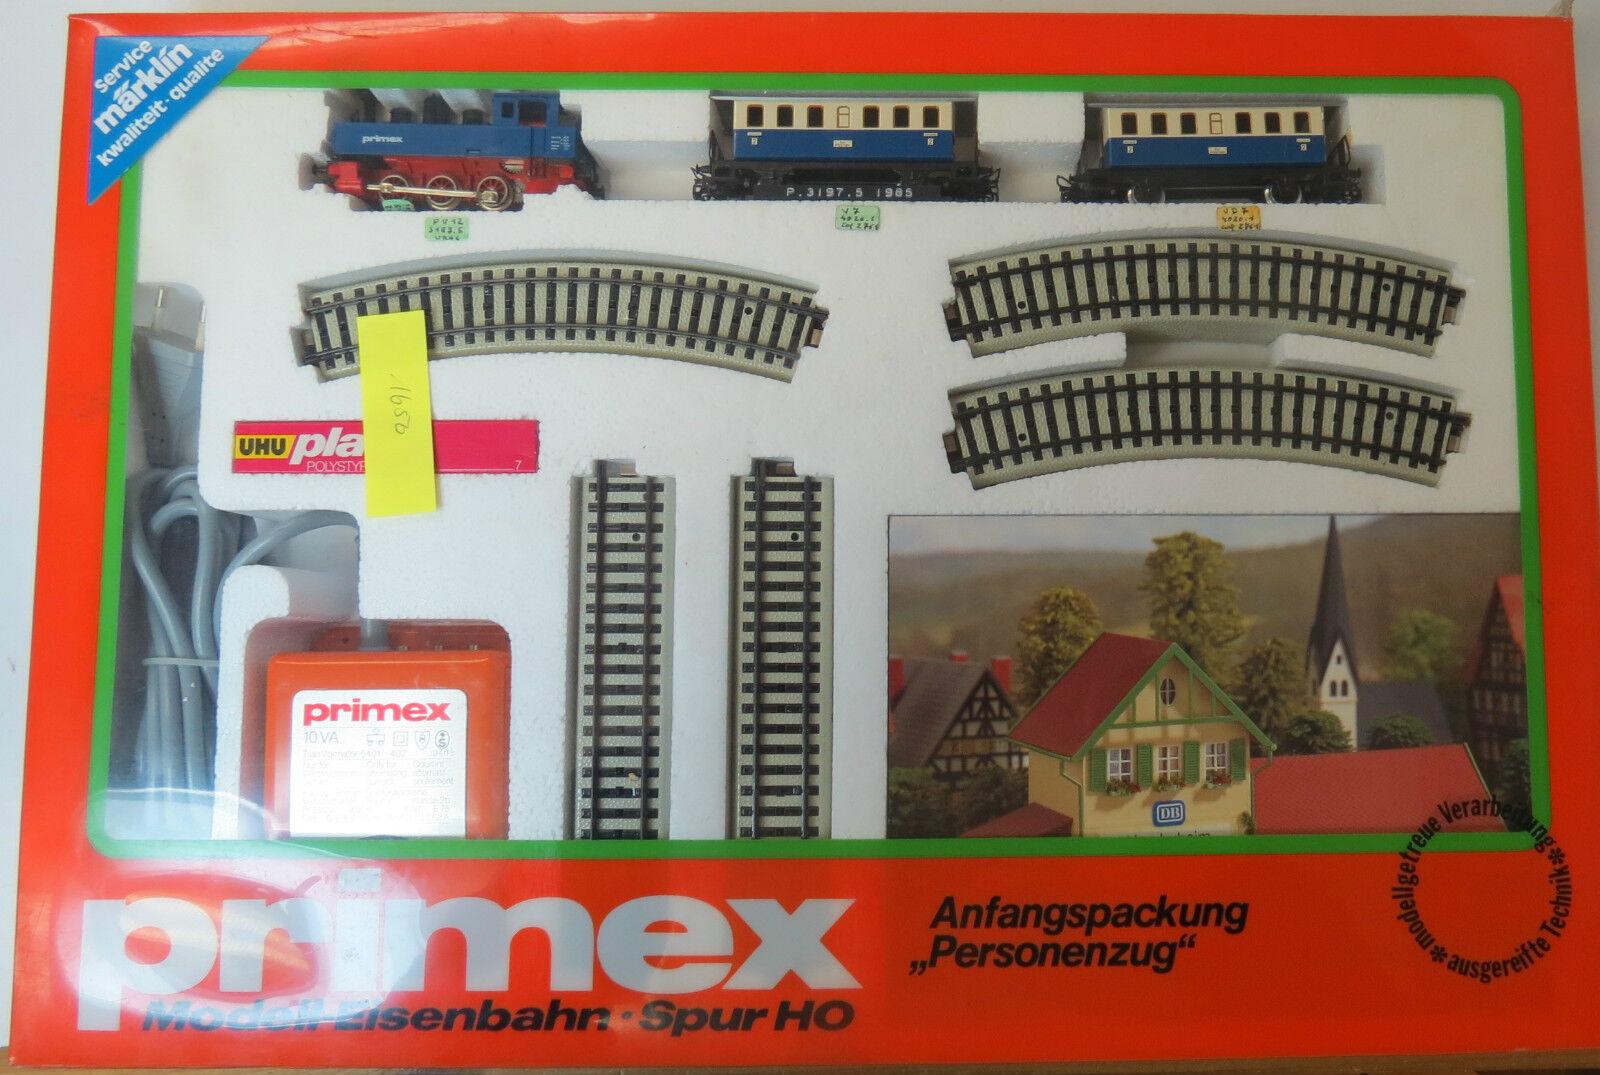 Personenzug (Start-Set 2) Märklin kwaliteit qualite Primex 2761  OVP ( WU )